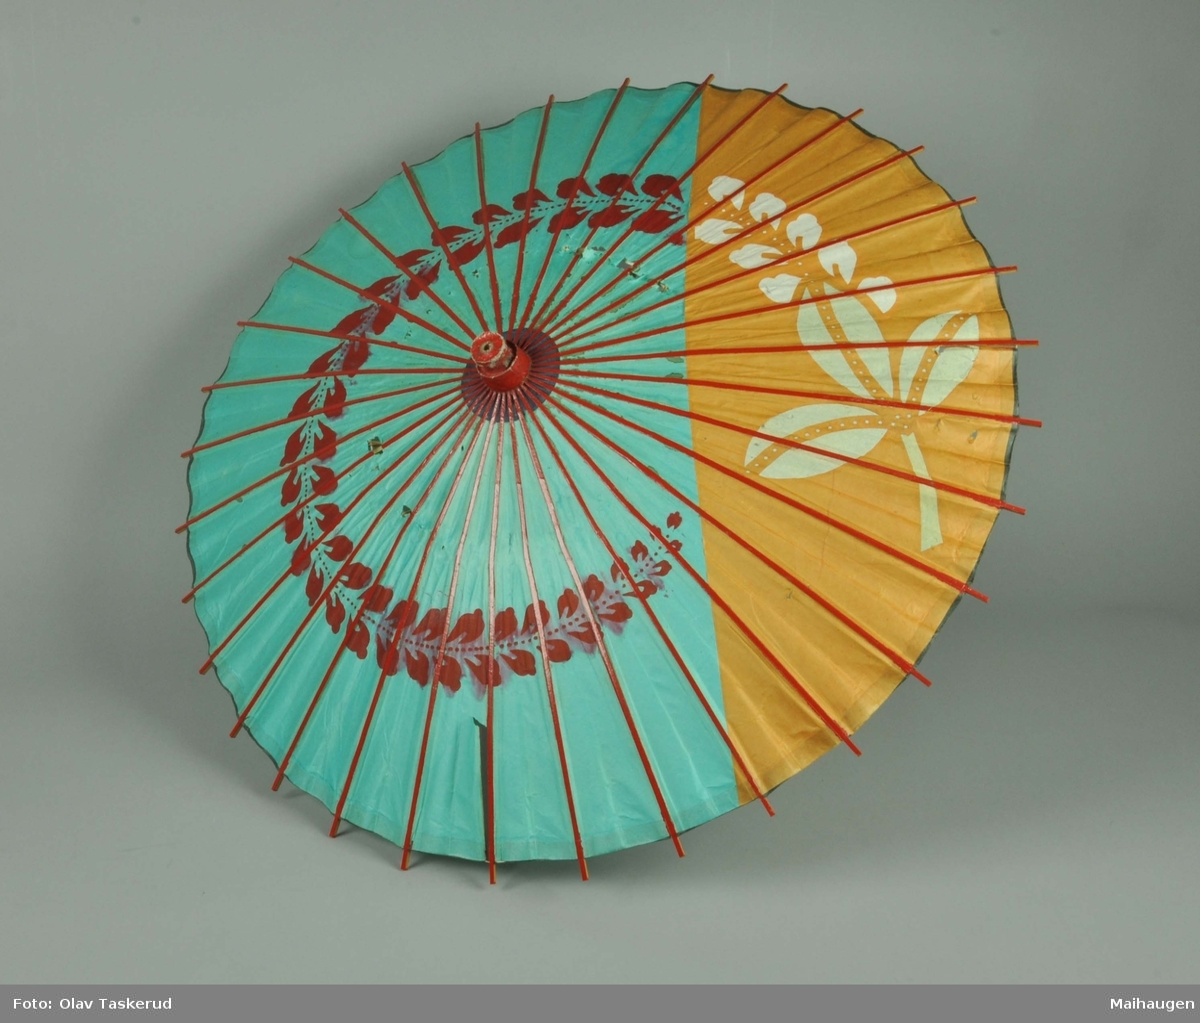 Parasoll av trespiler trukket med papir innvendig. papiret har trykte blomstermotiv. Utvendig er parasollen rødmalt.